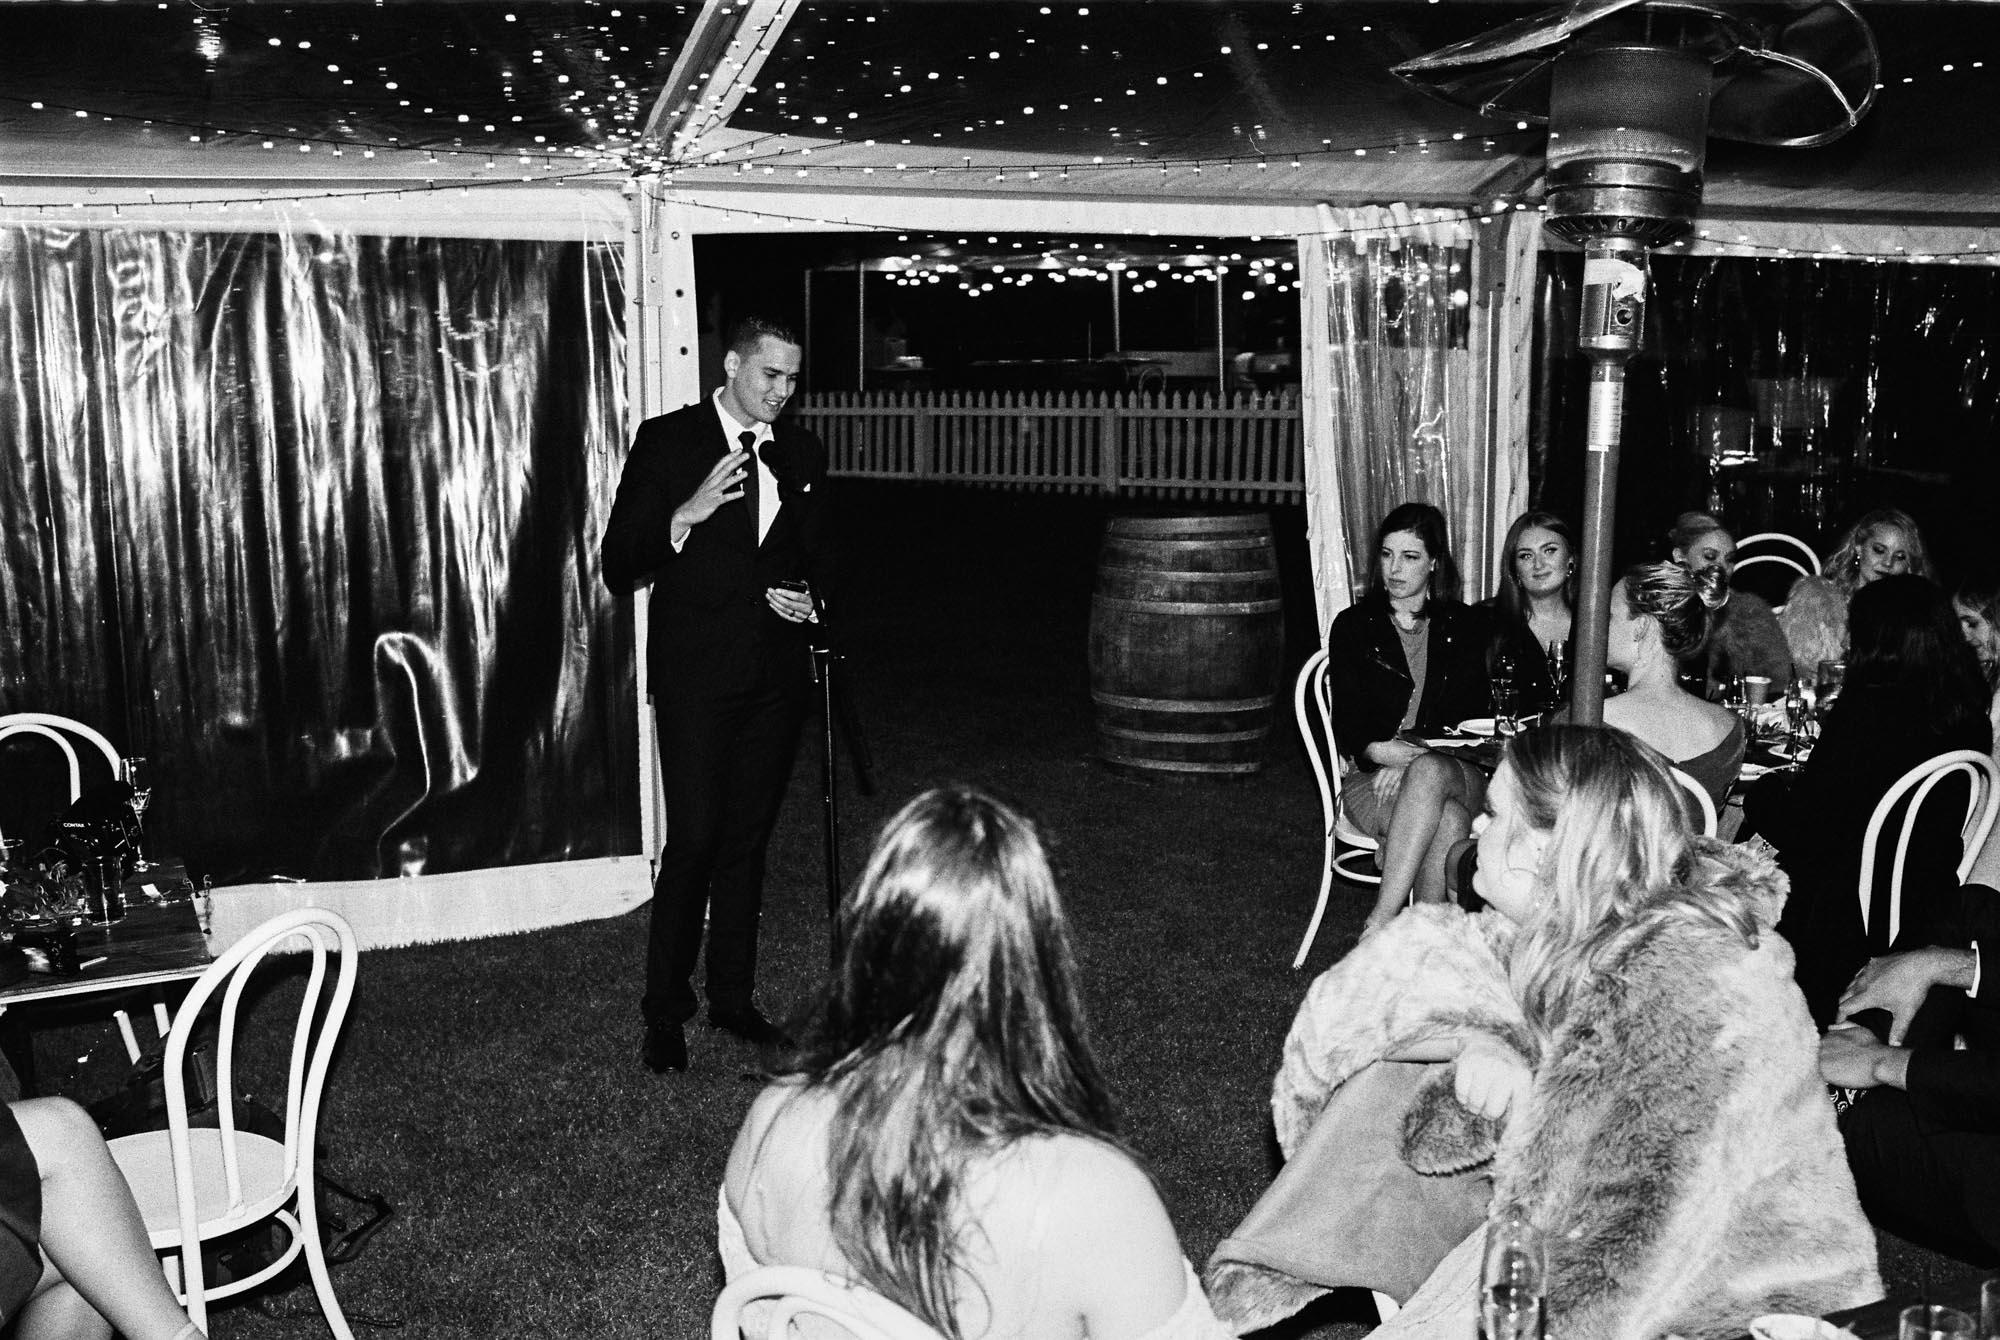 Whitehouse-hahndorf-wedding-photography-113.jpg